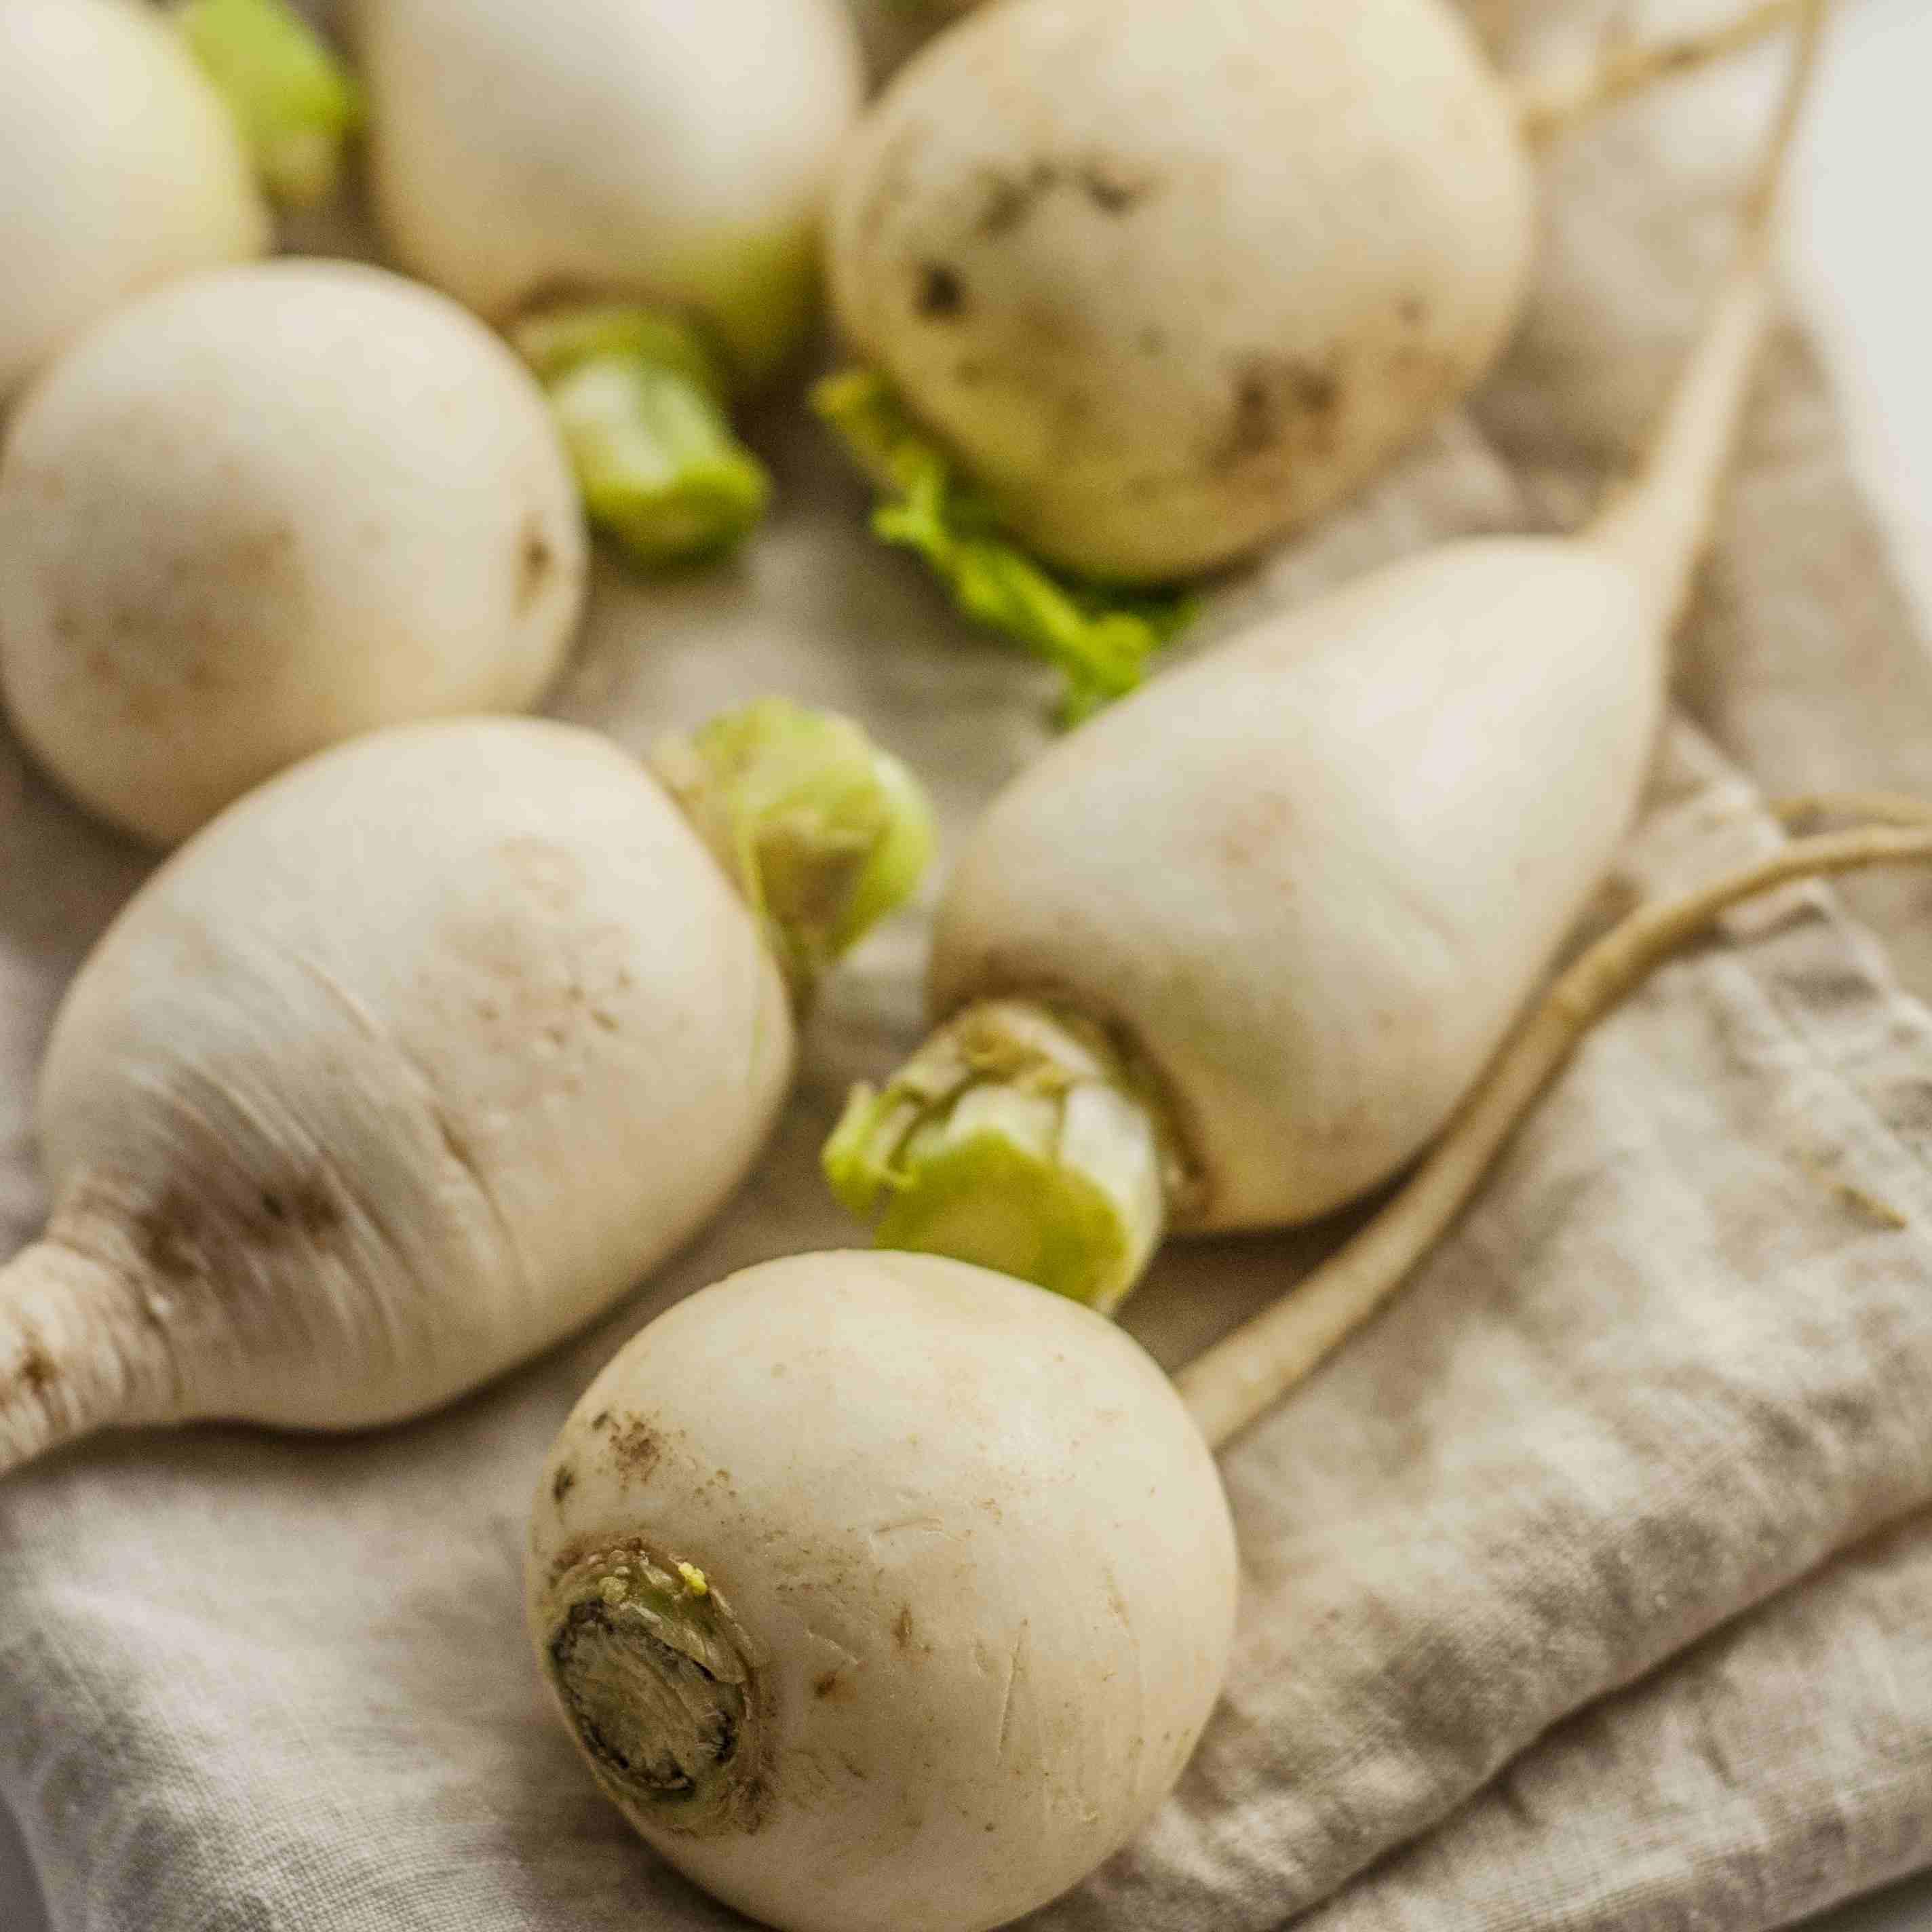 Fresh turnips